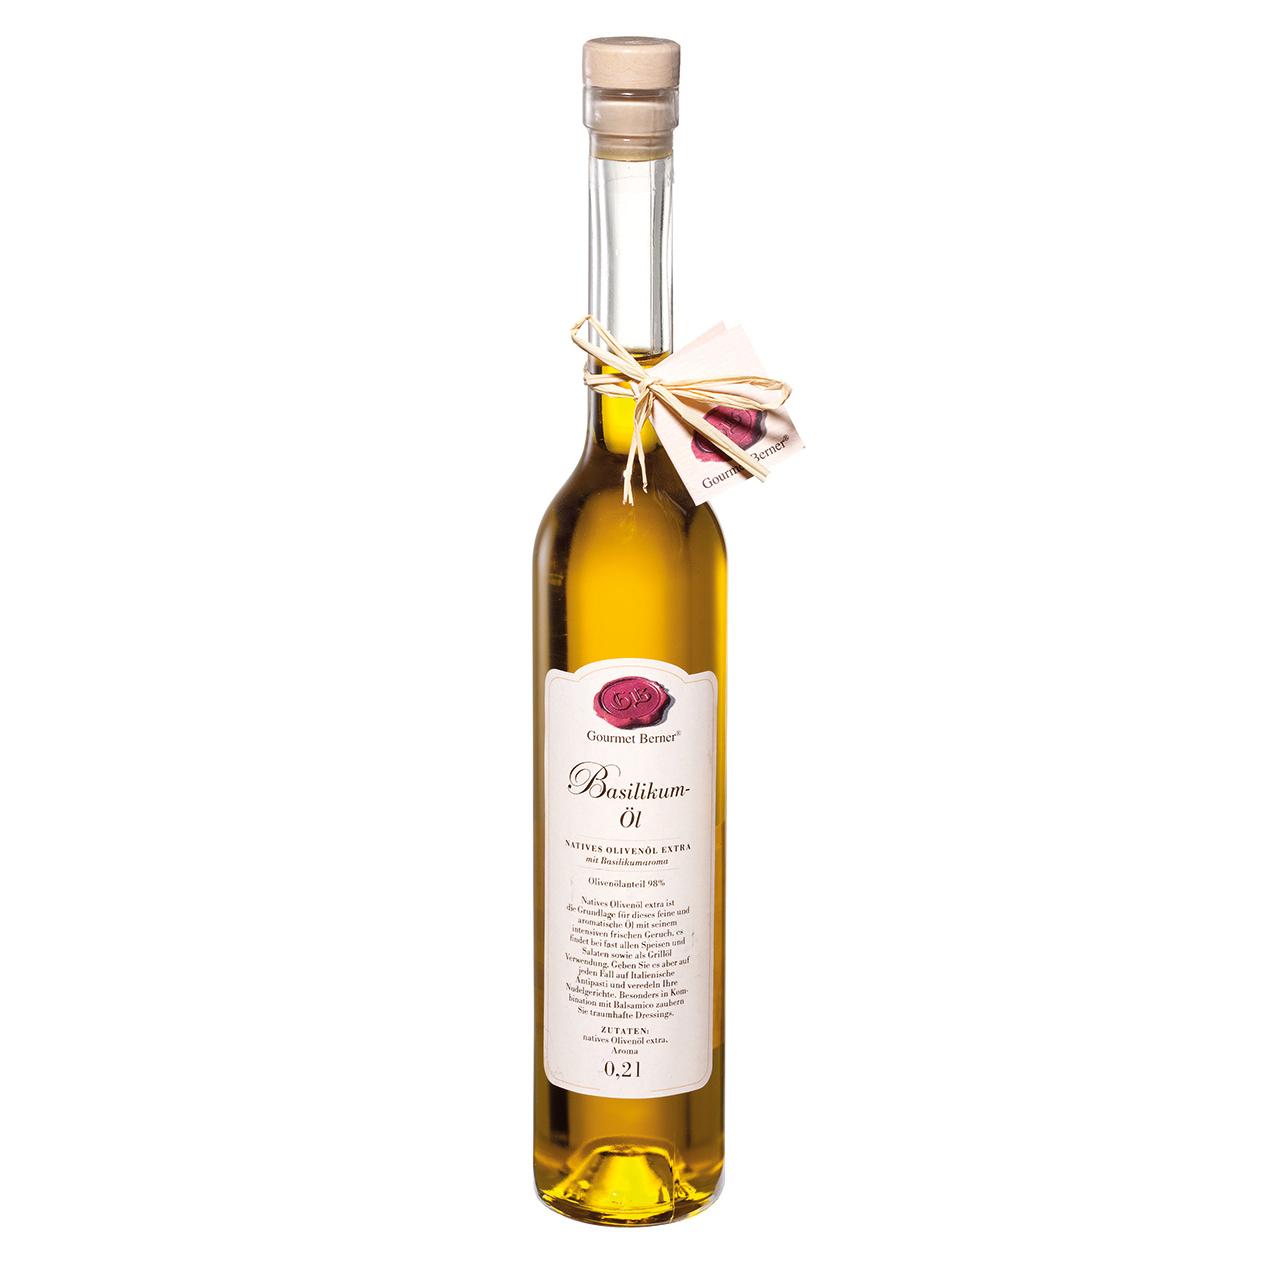 Basilikum-Öl - 0,2l - Gourmet Berner